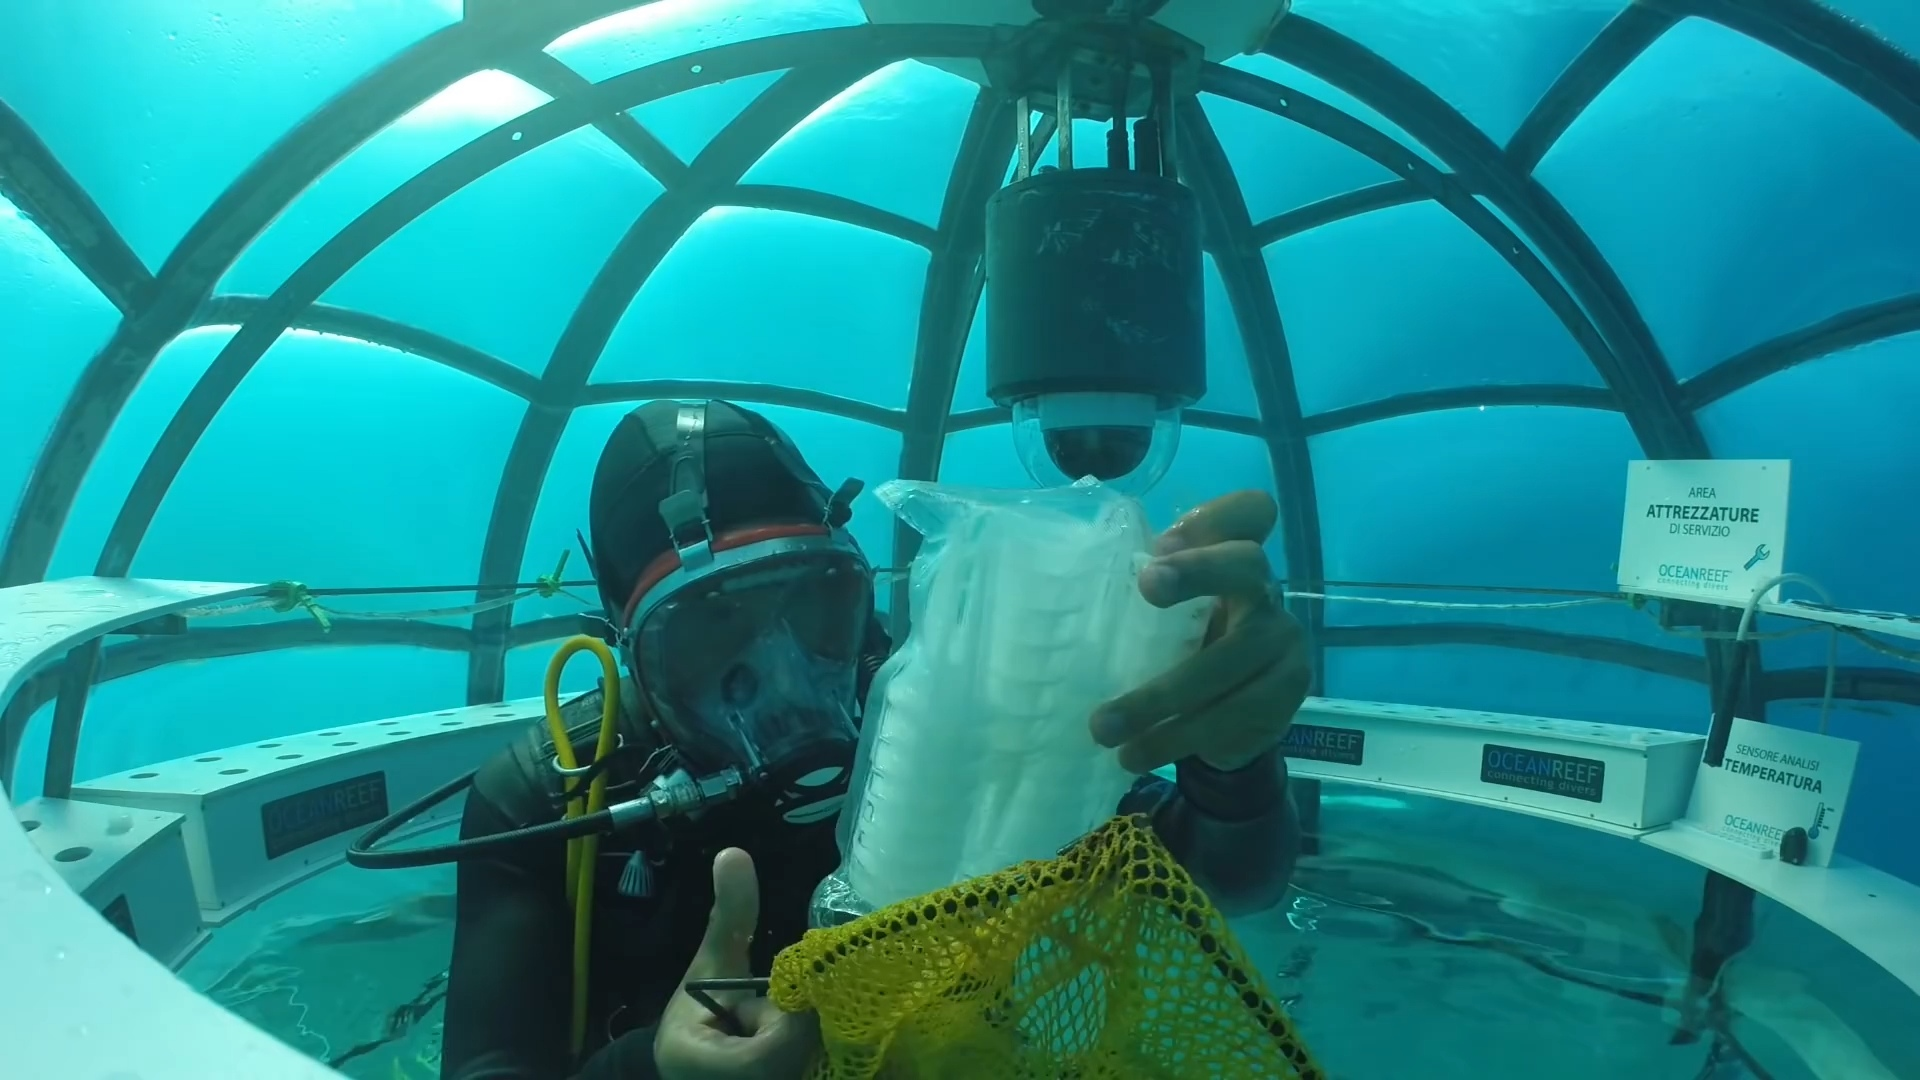 Сад Немо подводные культивации для увеличения производства продуктов питания Sergio Gemberini, генеральный директор итальянской компании Ocean Reef, создал Nemo Garden. Владелец двух компаний, занимающийся подводным плаванием в Италии и Калифорнии, во время отпуска в Ноли, придумал интересную идею выращивания растений в море. У Серхио Гамберини возникла идея сада под водой, он мечтал превратить подводное плавание в более интерактивную деятельность. Его первоначальный план состоял в том, чтобы закрепить шар гибкого материала, содержащий вазу с заводом до морского дна. К его удивлению, завод не умер и вырос. Следующим шагом было применить тот же метод, используя семена, которые прорастали в течение 36 часов. На участке площадью 15 м2 в настоящее время имеется семь биосфер, каждая из которых имеет размер комнаты. В каждой сфере насчитывается около 60 растений, питаемых гидропонными инструментами и орошаемых гравитационными системами. Это базилик, чеснок, редис, капуста и клубника, просто чтобы привести некоторые примеры. Специалисты по дайвингу склонны утверждать, что эти растения не будут иметь тех же характеристик, что и на земле. Sergio Gemberini утверждает, что «море самодостаточное, свободный инкубатор». В заливе Ноли Noli температура воды довольно стабильна и, следовательно, предлагает растениям постоянный тепловое питание. Со своей стороны, вода моря действует как фильтр, увлажняя растительный покров. В результате растения, выращиваемые под водой, являются более здоровыми и более качественными. Аромат и вкус более интенсивны, чем у растений, выращенных на Земле. Биосферы - идеальные теплицы, так как никакие паразиты не могут их достичь. Поэтому отпадает необходимость в пестицидах или других химических веществах. Естественное испарение обеспечивает испарение пресной воды внутри сфер, позволяет систематически орошать растения. Кроме того, эксперименты показали, что эти растения растут быстрее, чем их терригенные коллеги. Серхио Гамберини работает с экспертами в об